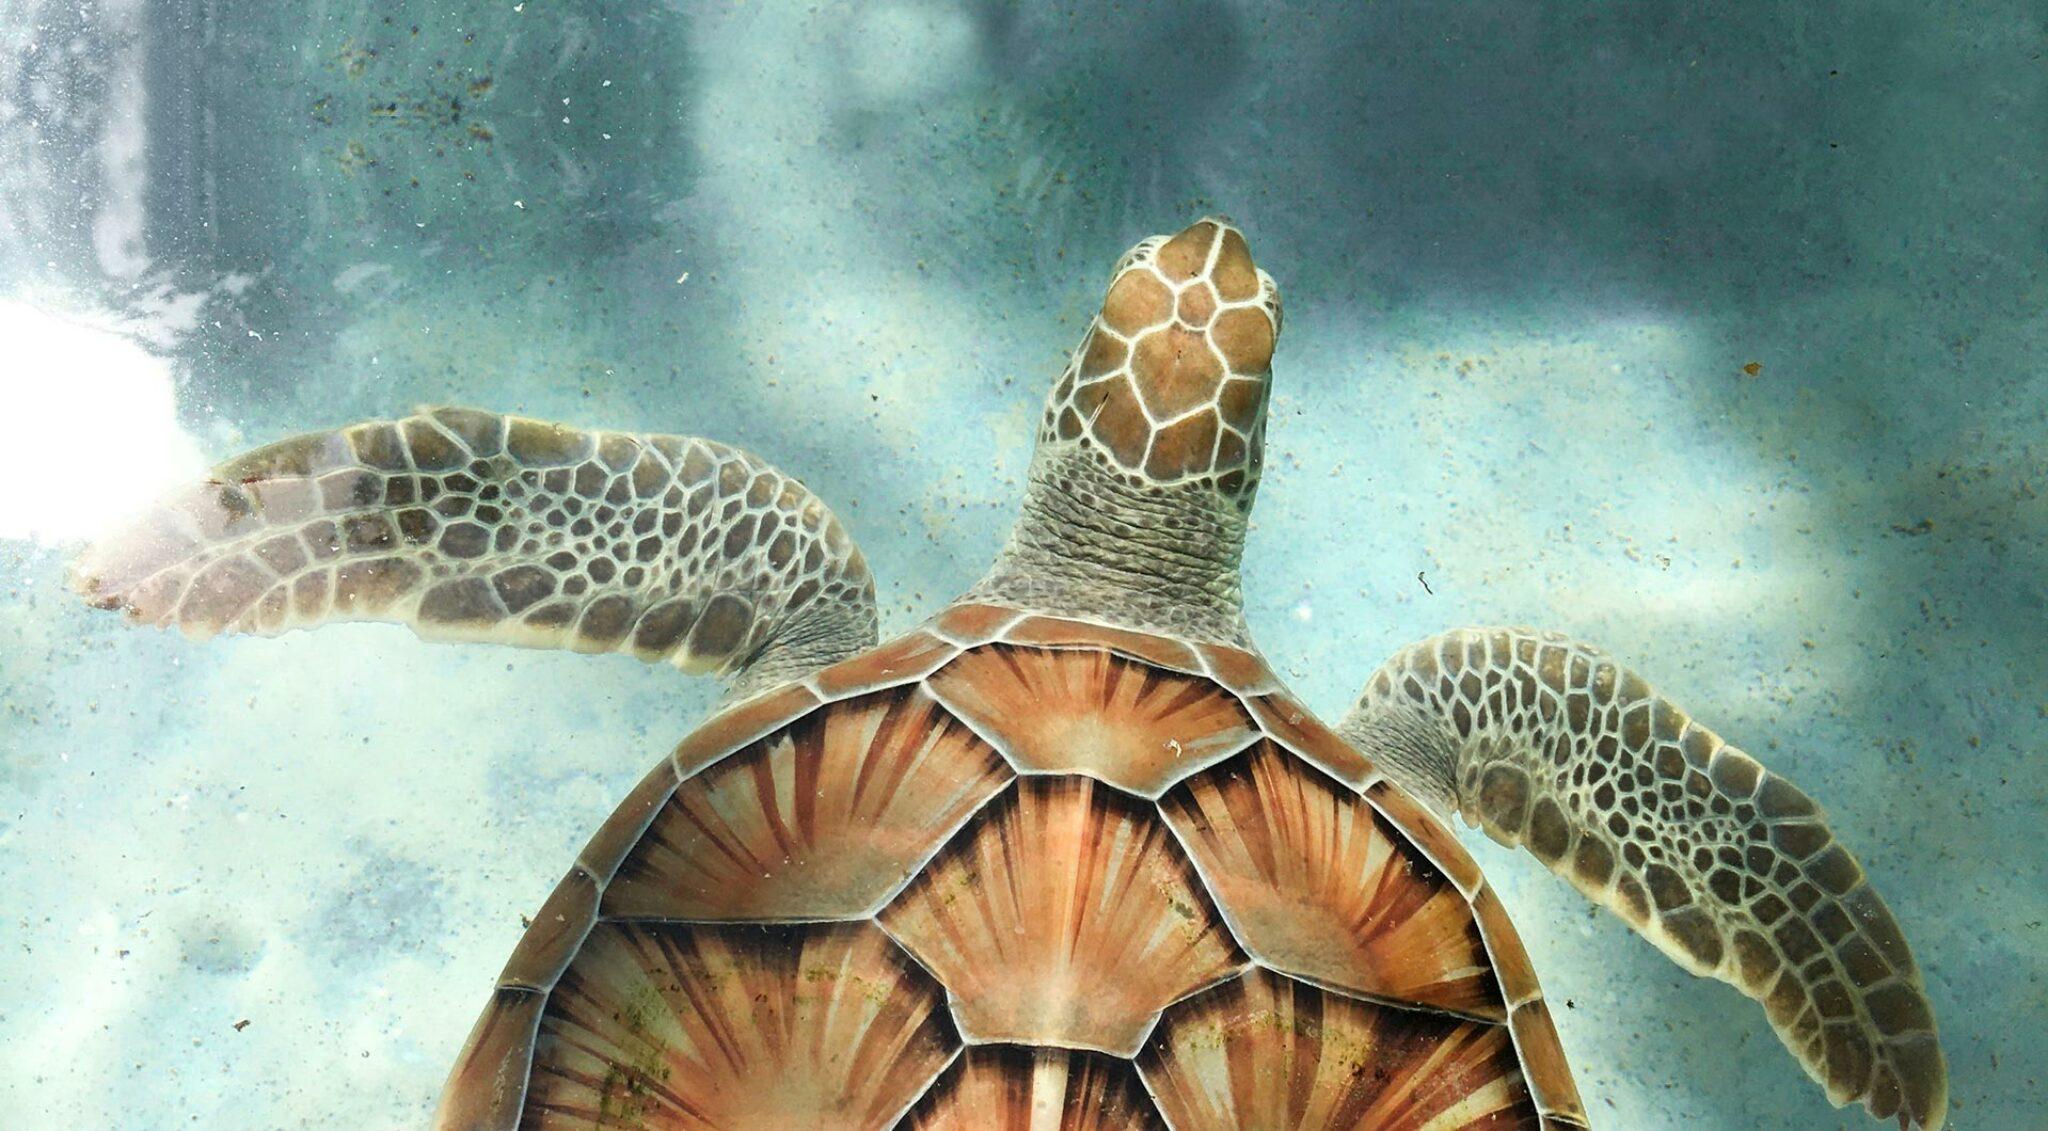 Eine Meeresschildkröte unter Wasser.